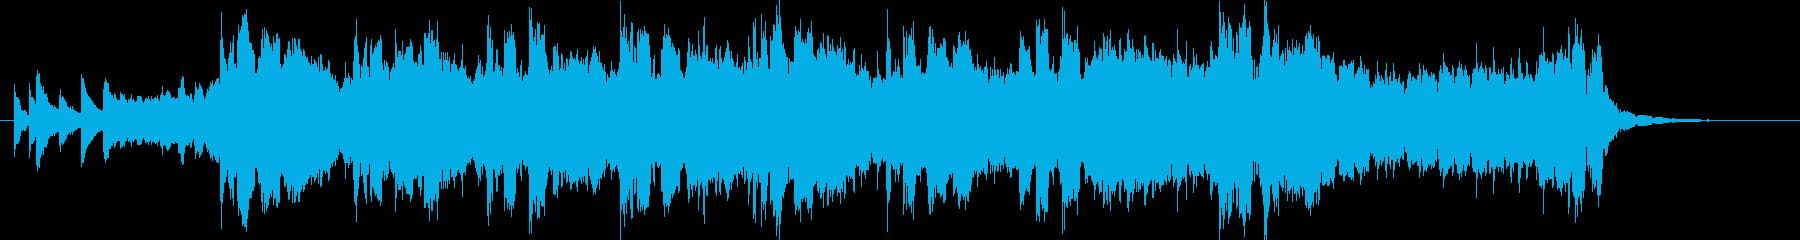 誕生日の歌(ダンスver) 【汎用】の再生済みの波形